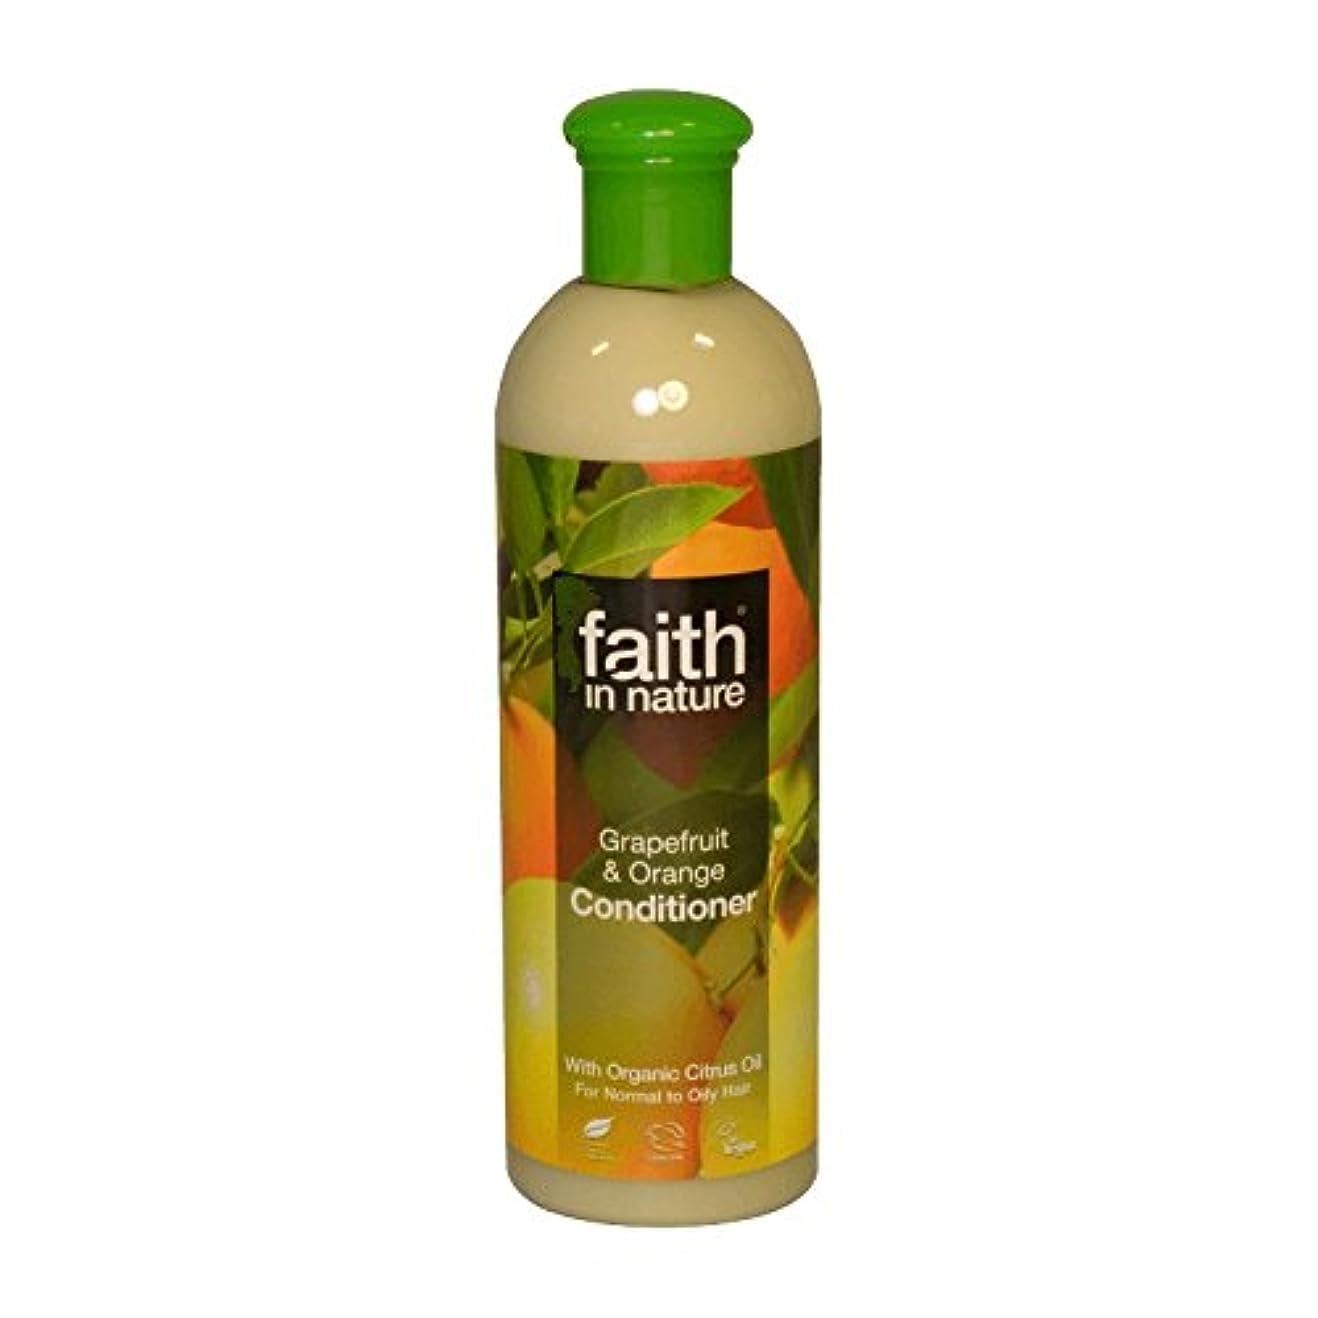 森林アーカイブ閉塞Faith in Nature Grapefruit & Orange Conditioner 400ml (Pack of 2) - 自然グレープフルーツ&オレンジコンディショナー400ミリリットルの信仰 (x2) [並行輸入品]